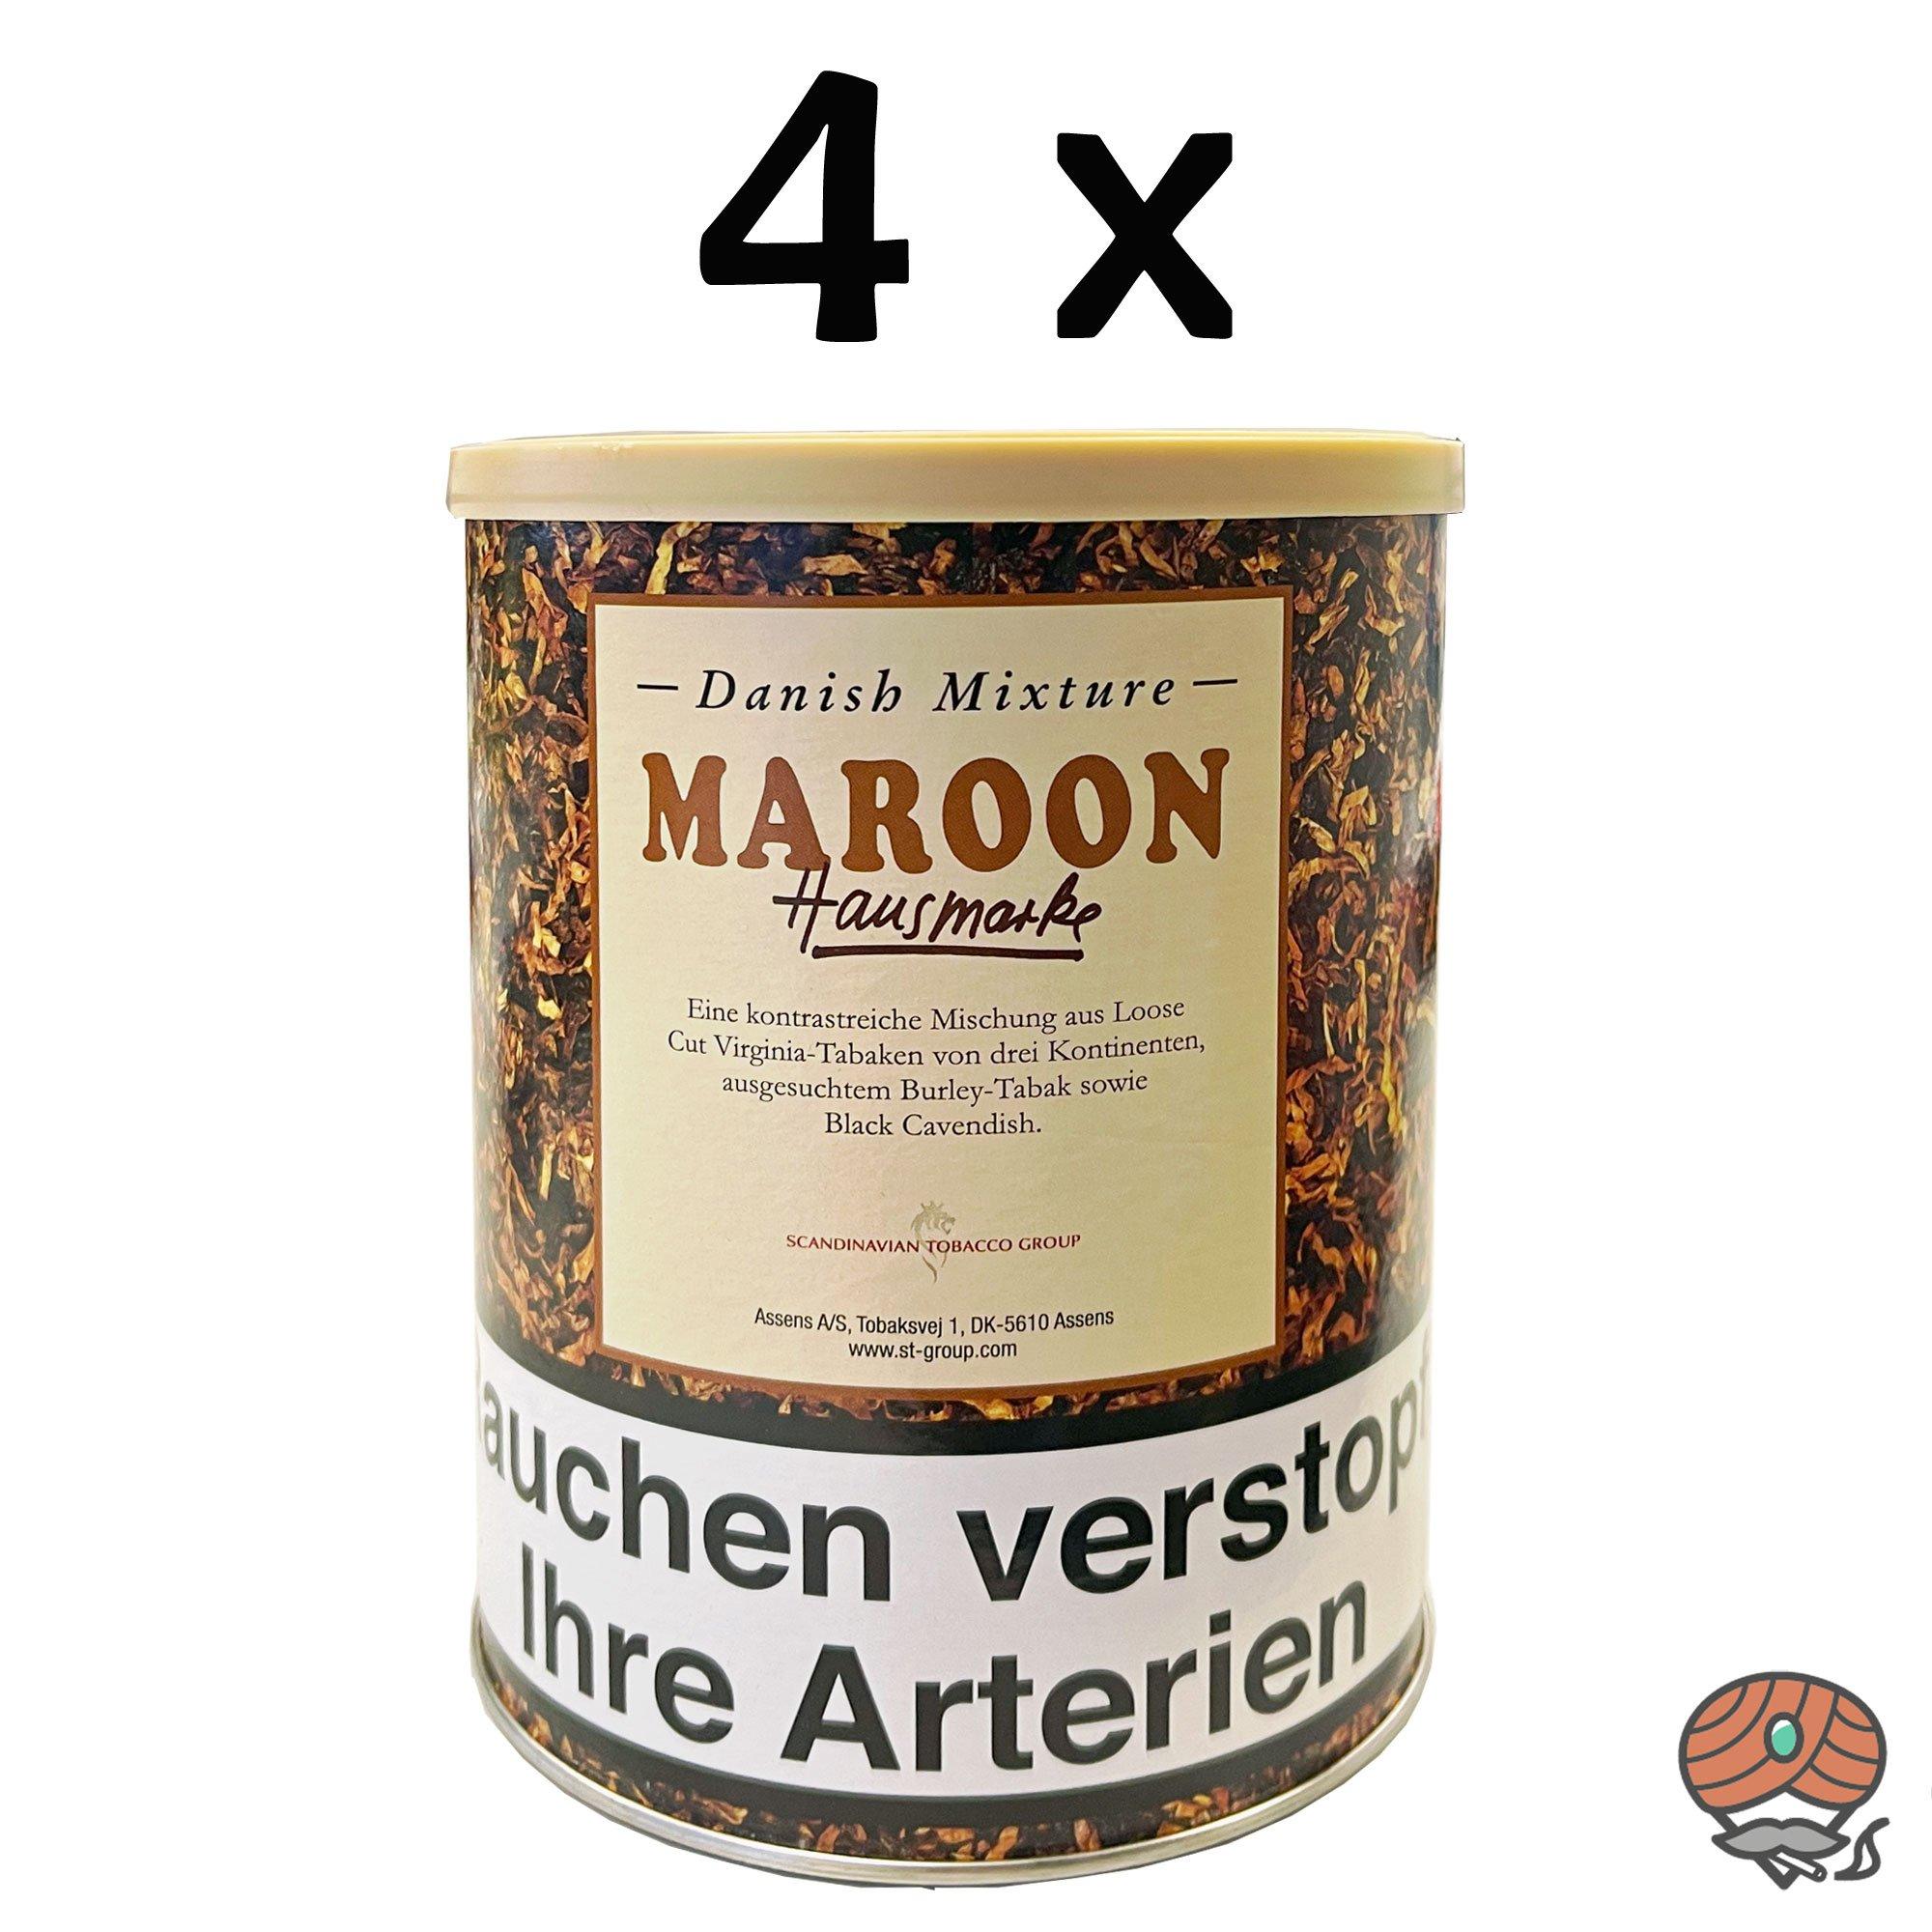 4 x Danish Mixture Hausmarke Maroon 200g Dose Pfeifentabak